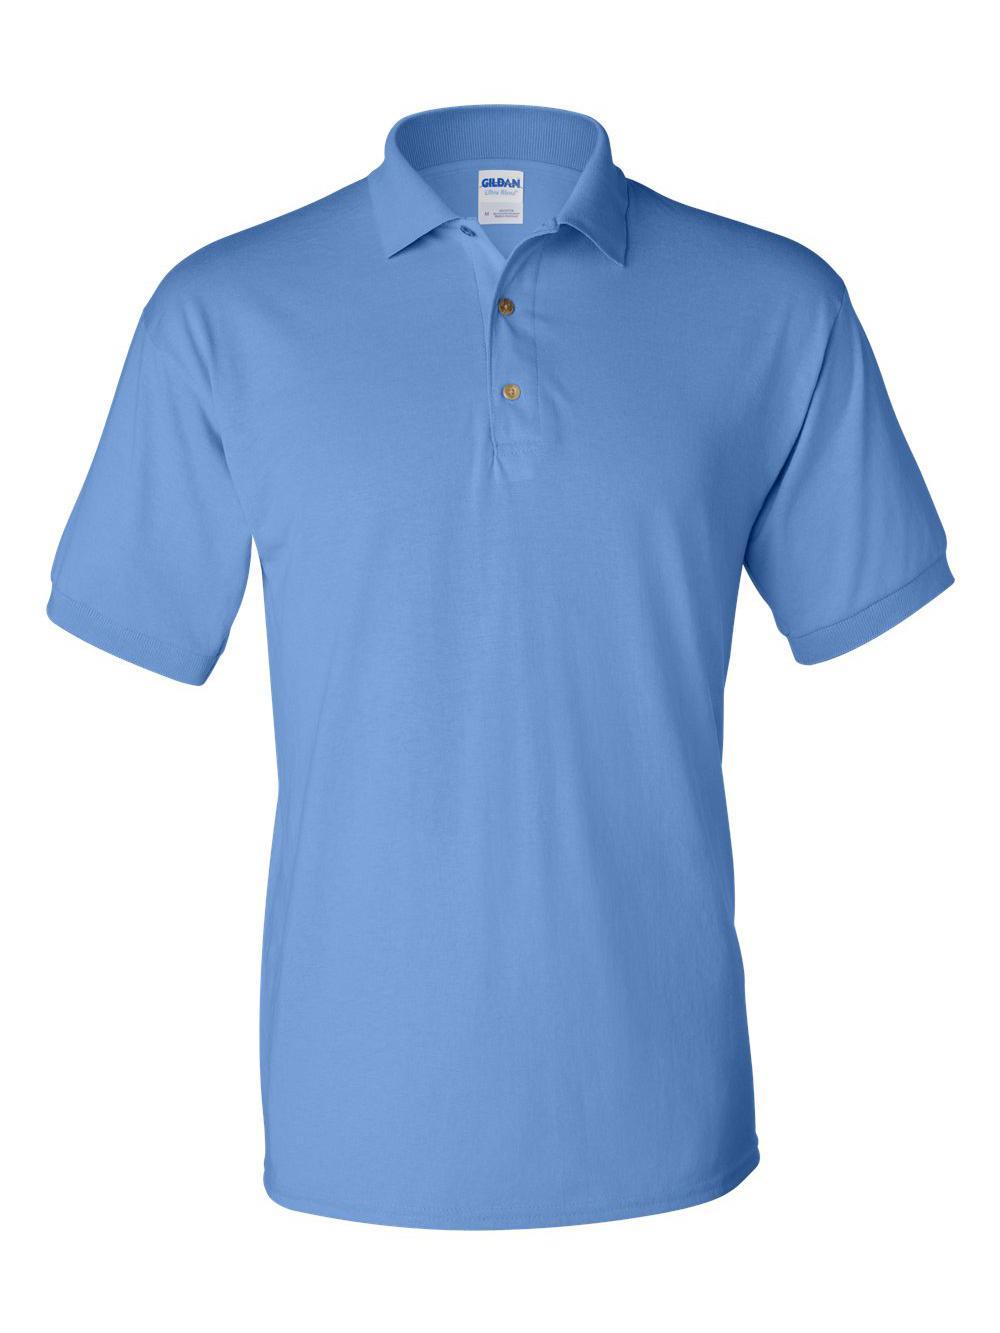 Gildan-DryBlend-Jersey-Sport-Shirt-8800 thumbnail 9